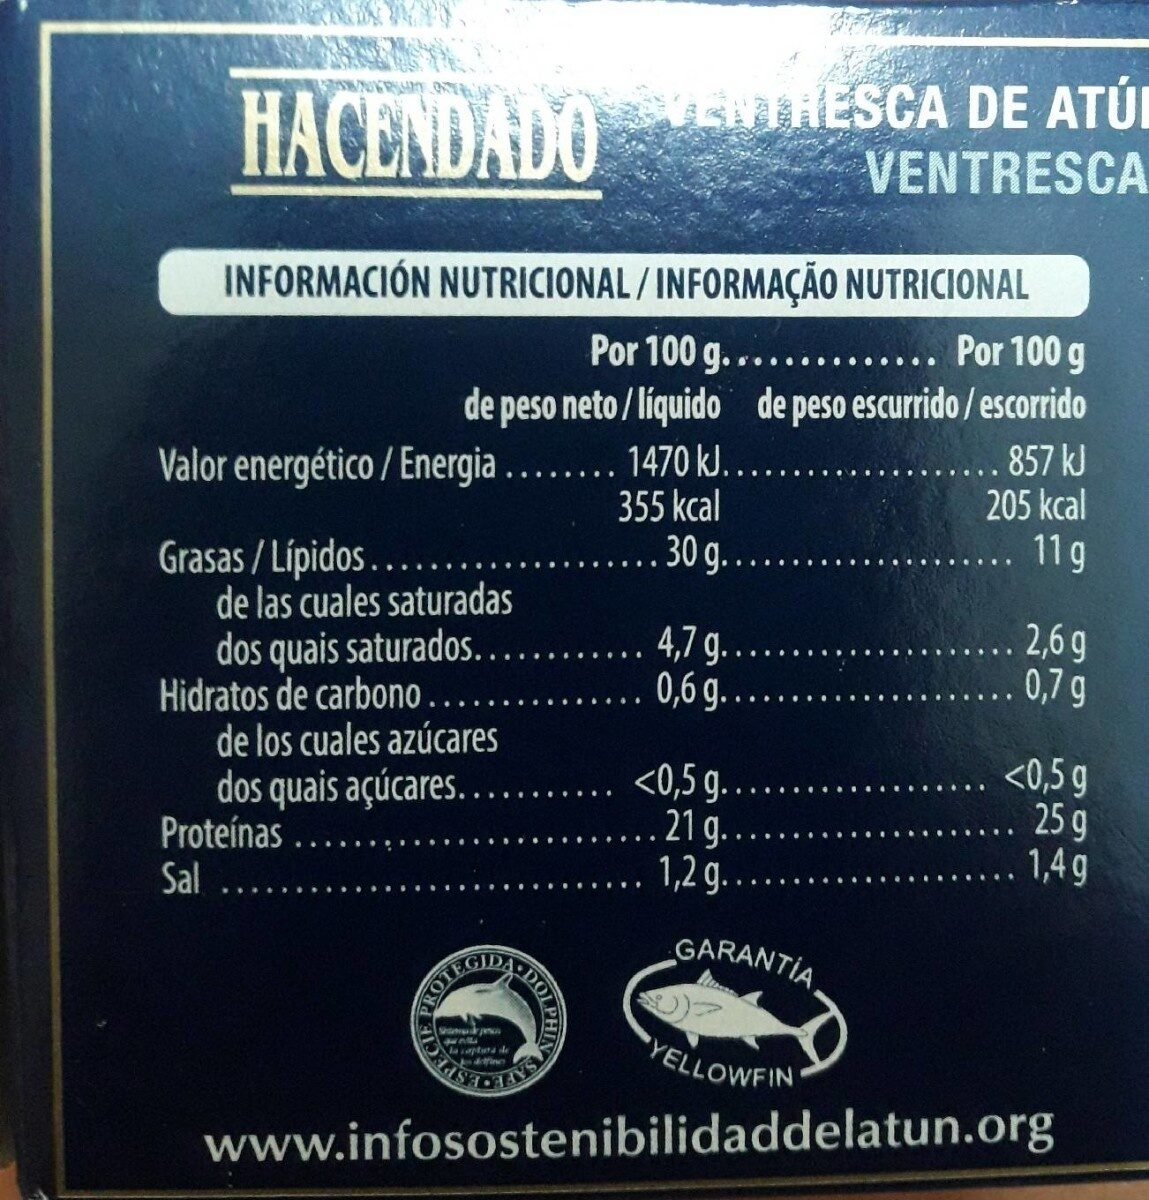 Ventresca de atún en Aceite de Oliva - Nutrition facts